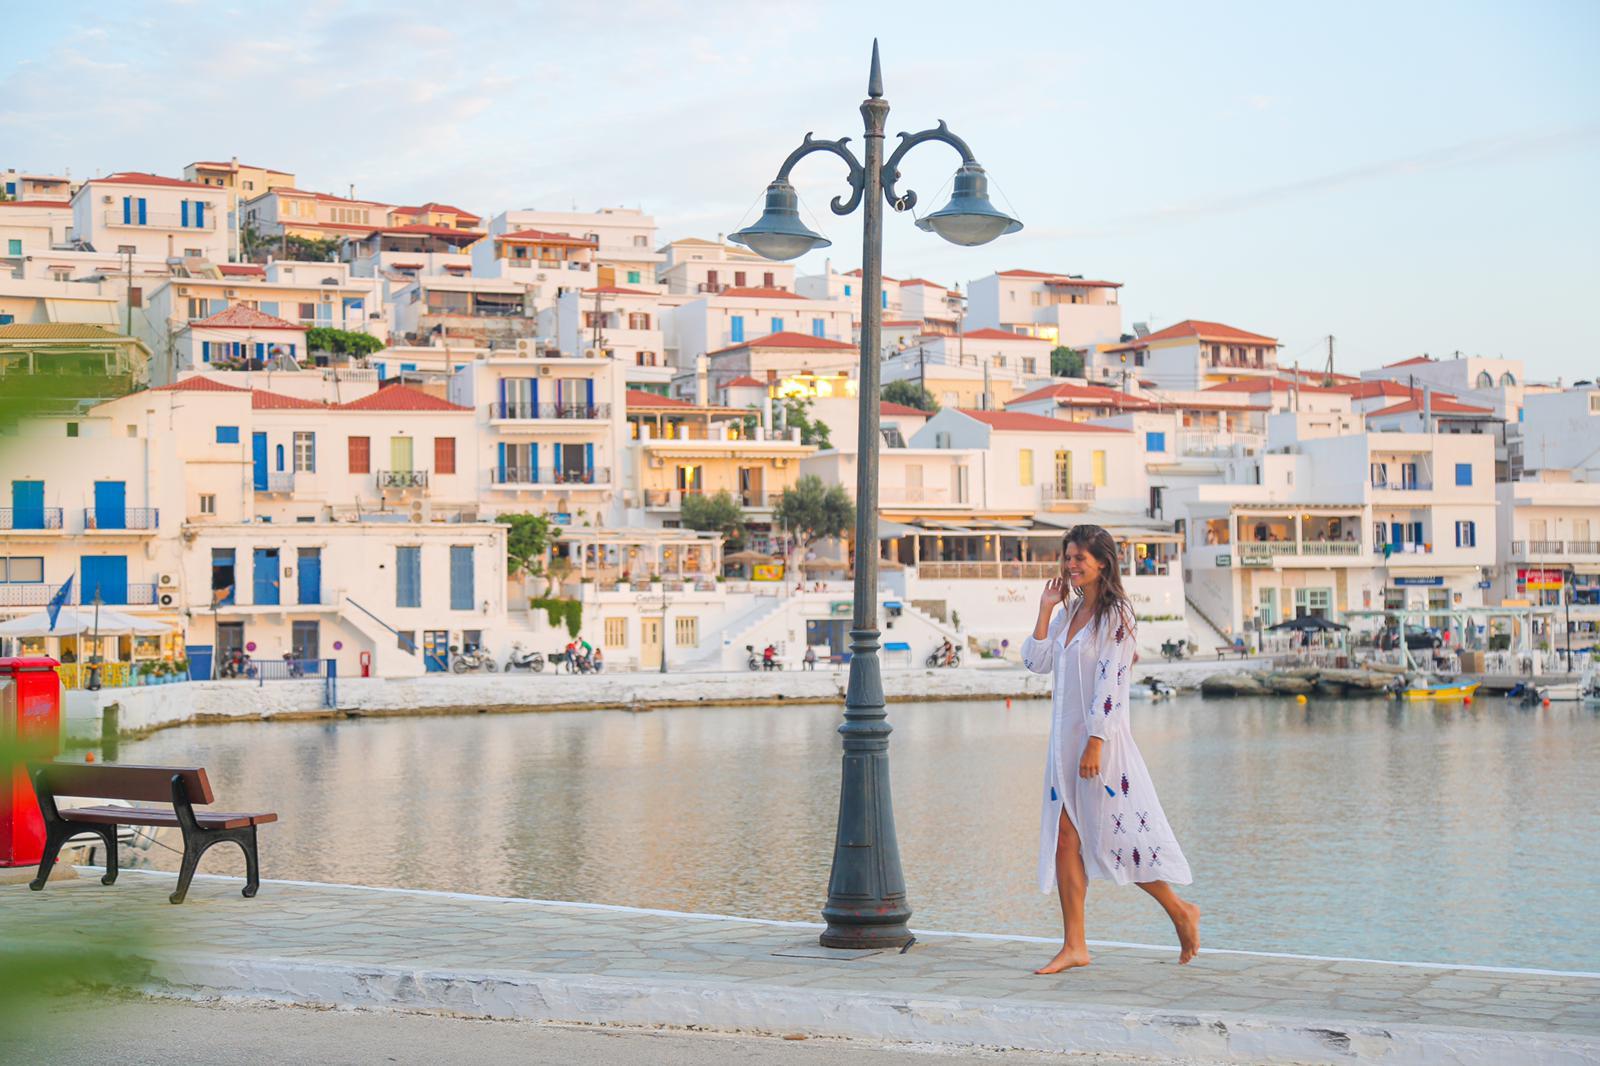 Νέα δράση προβολής του προορισμού της Ανδρου από το κυκλαδικό τουριστικό δίκτυο CTN Andros